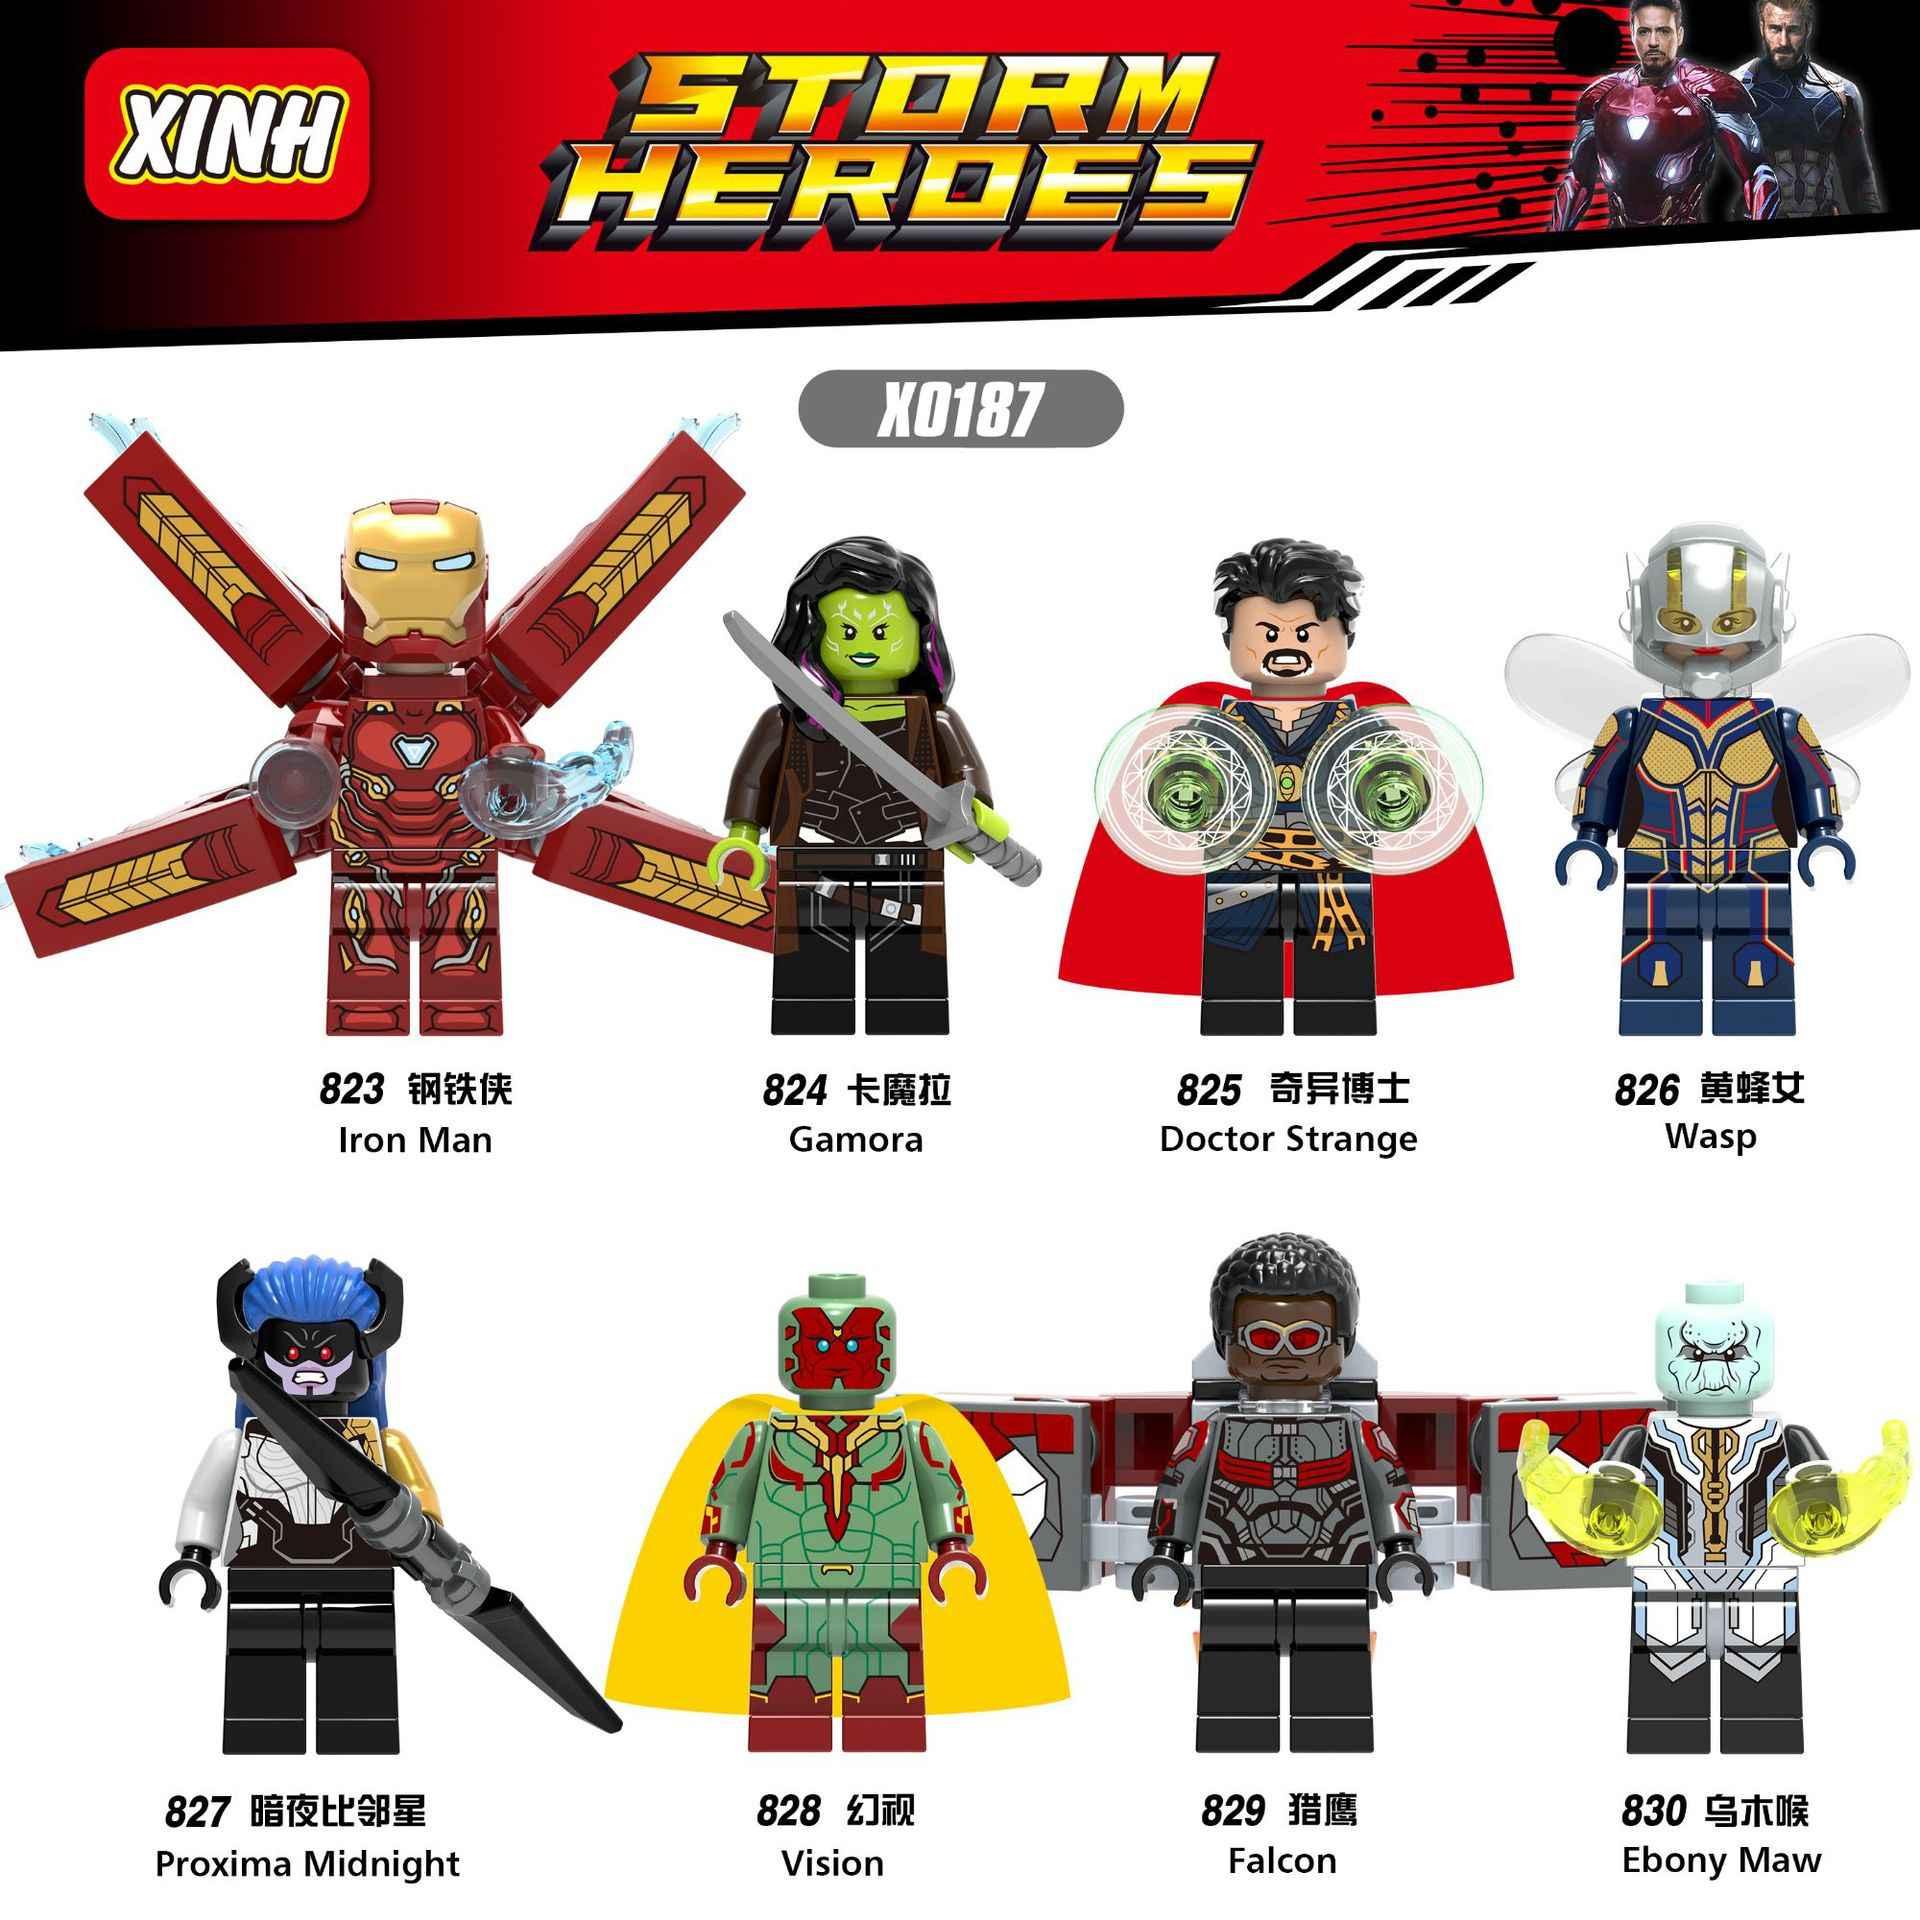 Vingadores Marvel Thanos Infinito Guerra lEGOED Ferro ManThor Pantera Negra Falcon Gamora Hulk Blocos de Construção Heróis toySuper